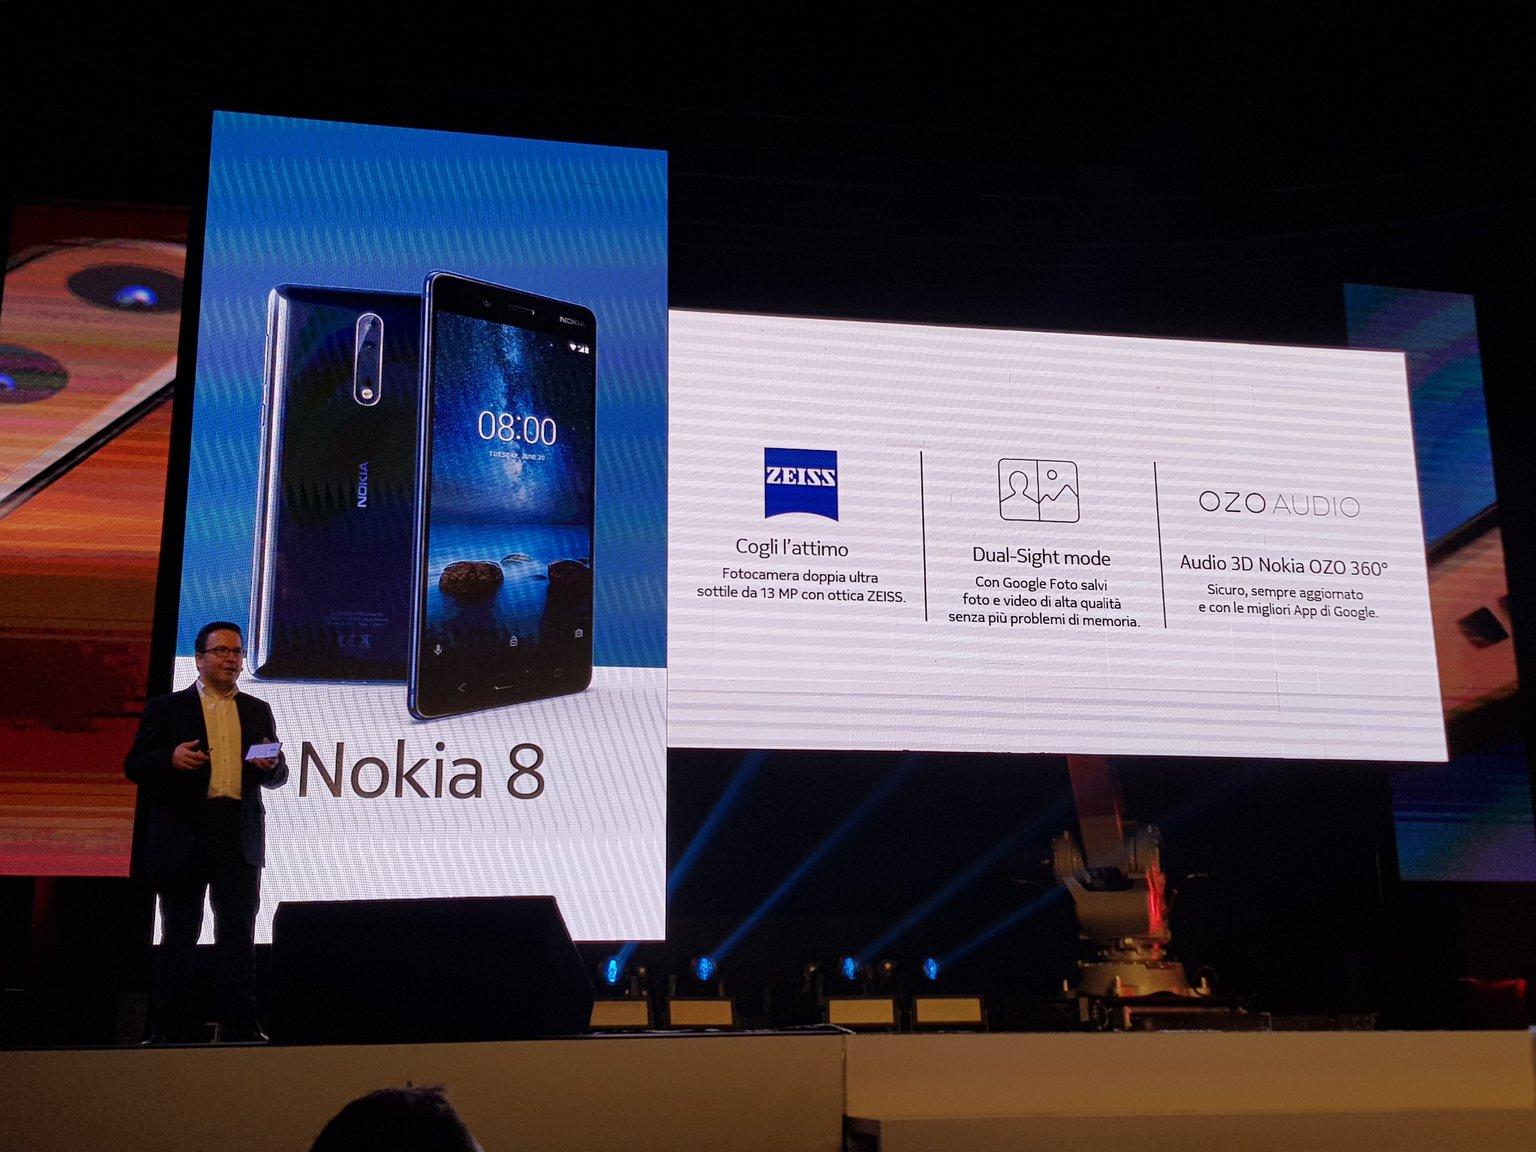 Nokia 8, lo smartphone ammiraglia di HMD